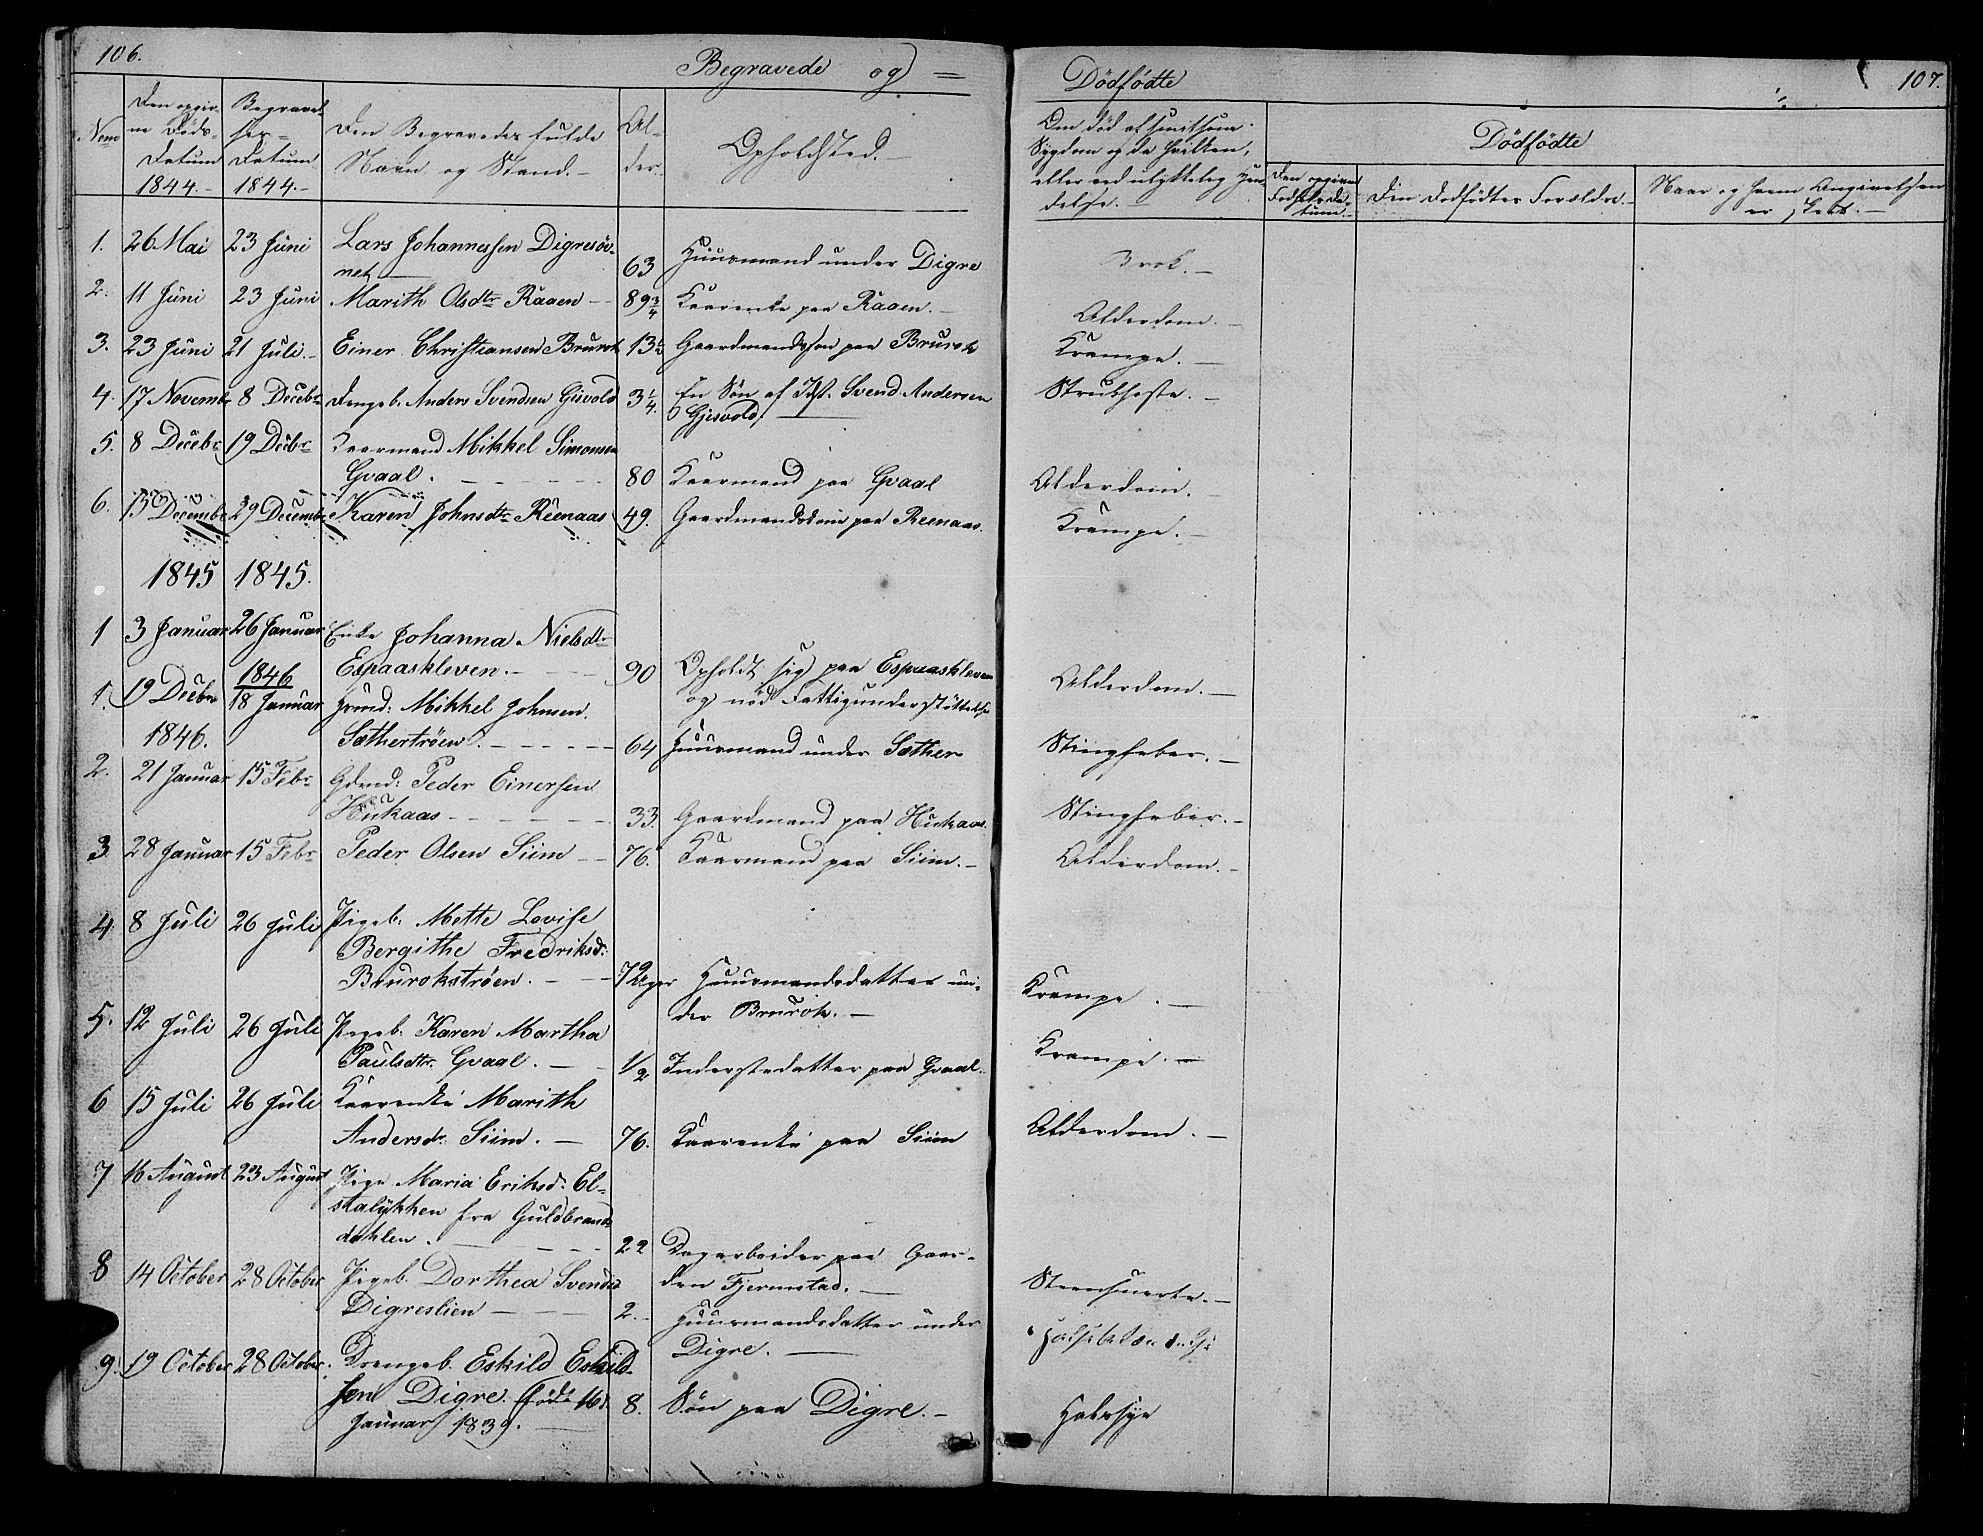 SAT, Ministerialprotokoller, klokkerbøker og fødselsregistre - Sør-Trøndelag, 608/L0339: Klokkerbok nr. 608C05, 1844-1863, s. 106-107